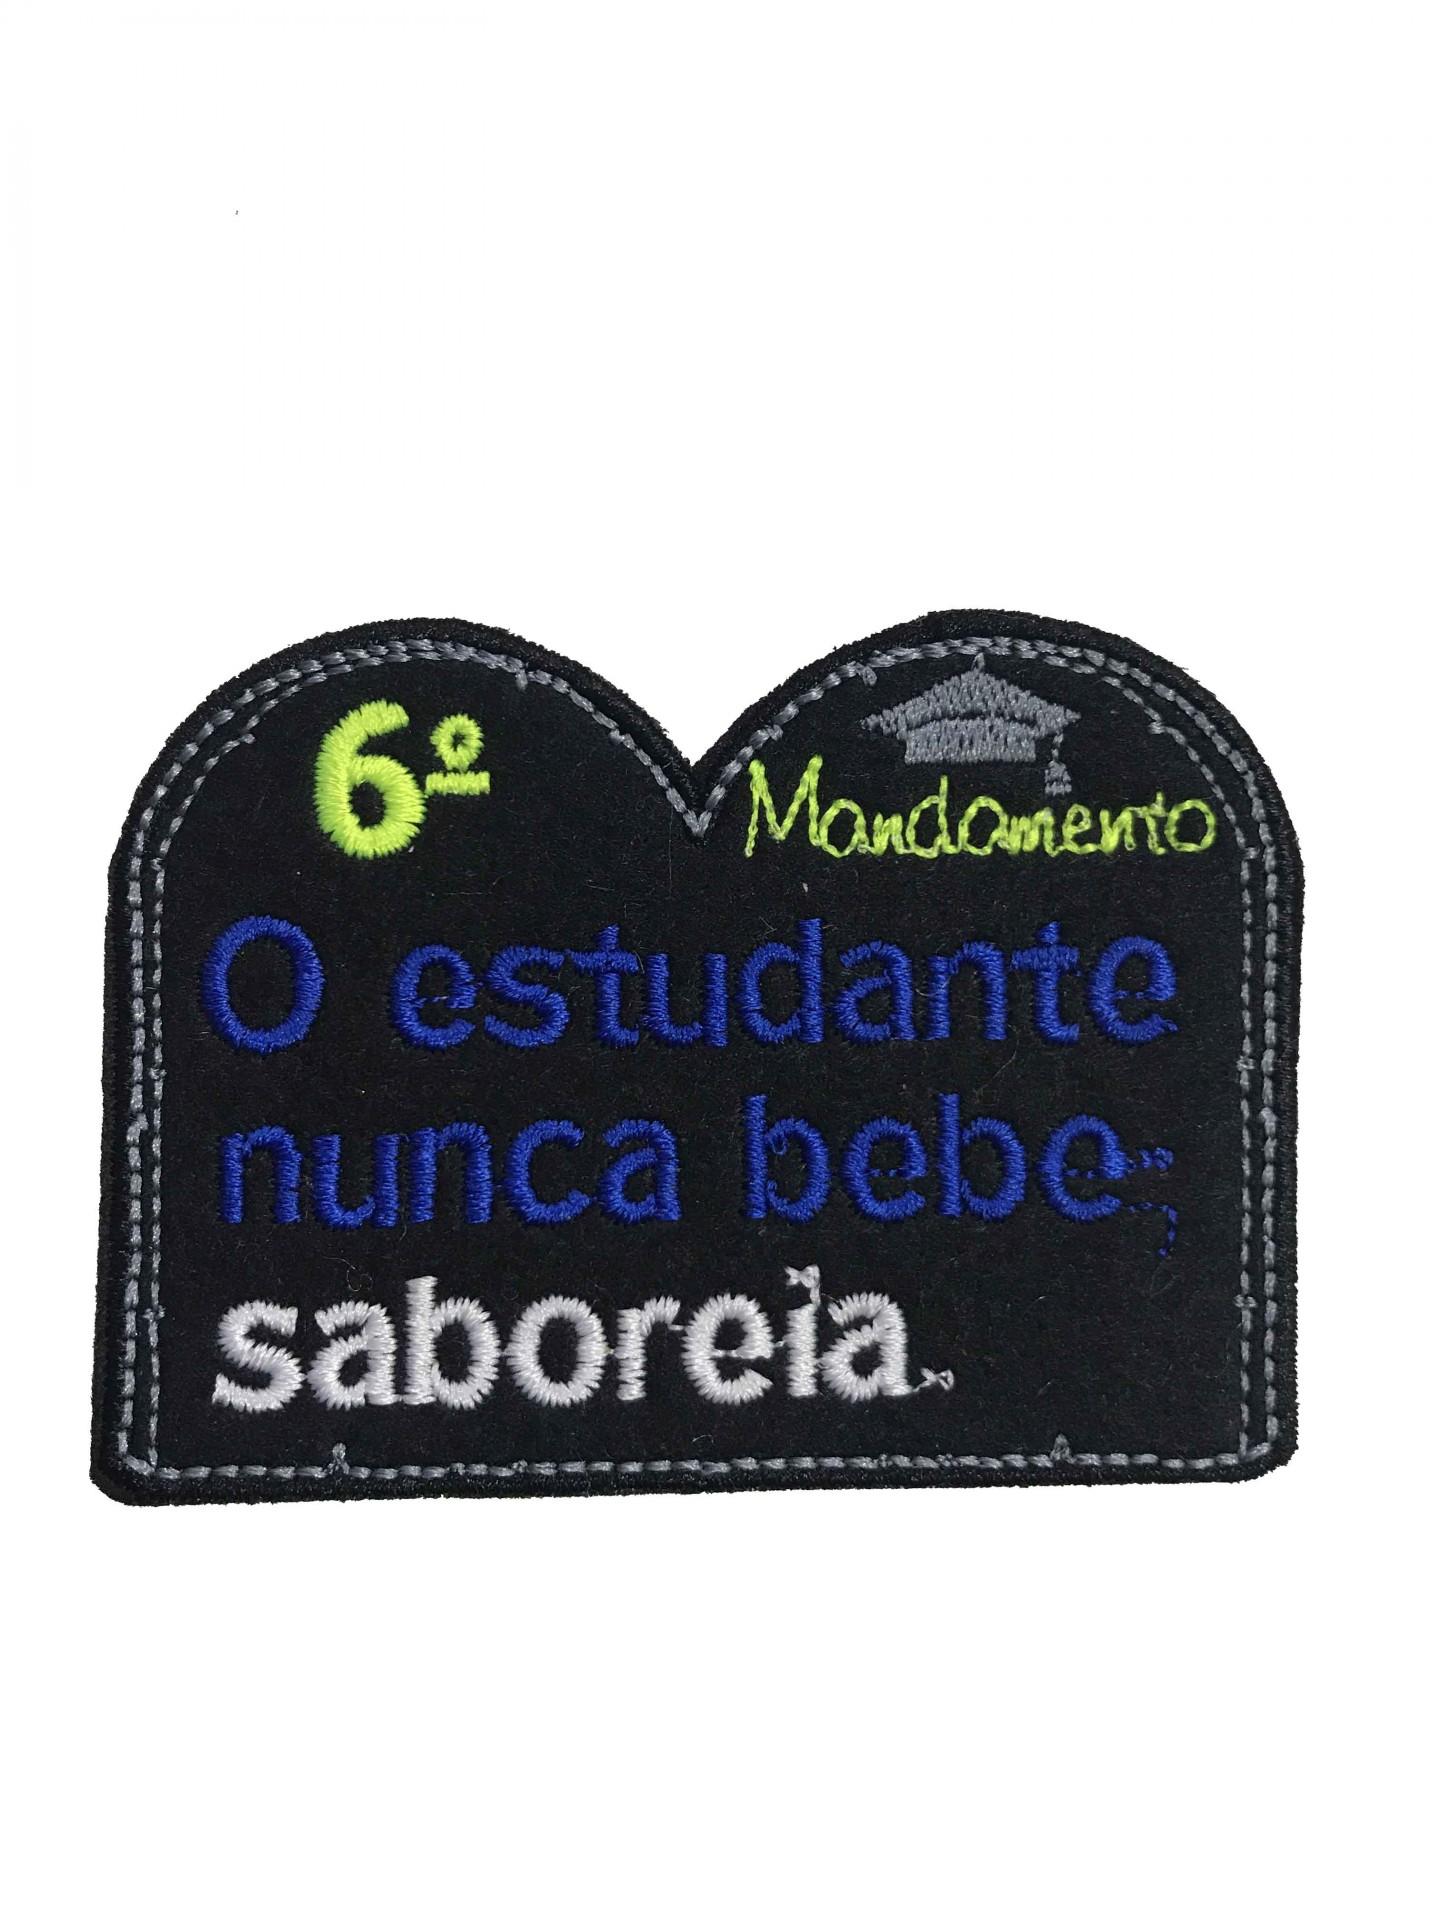 Emblema 6º Mandamento